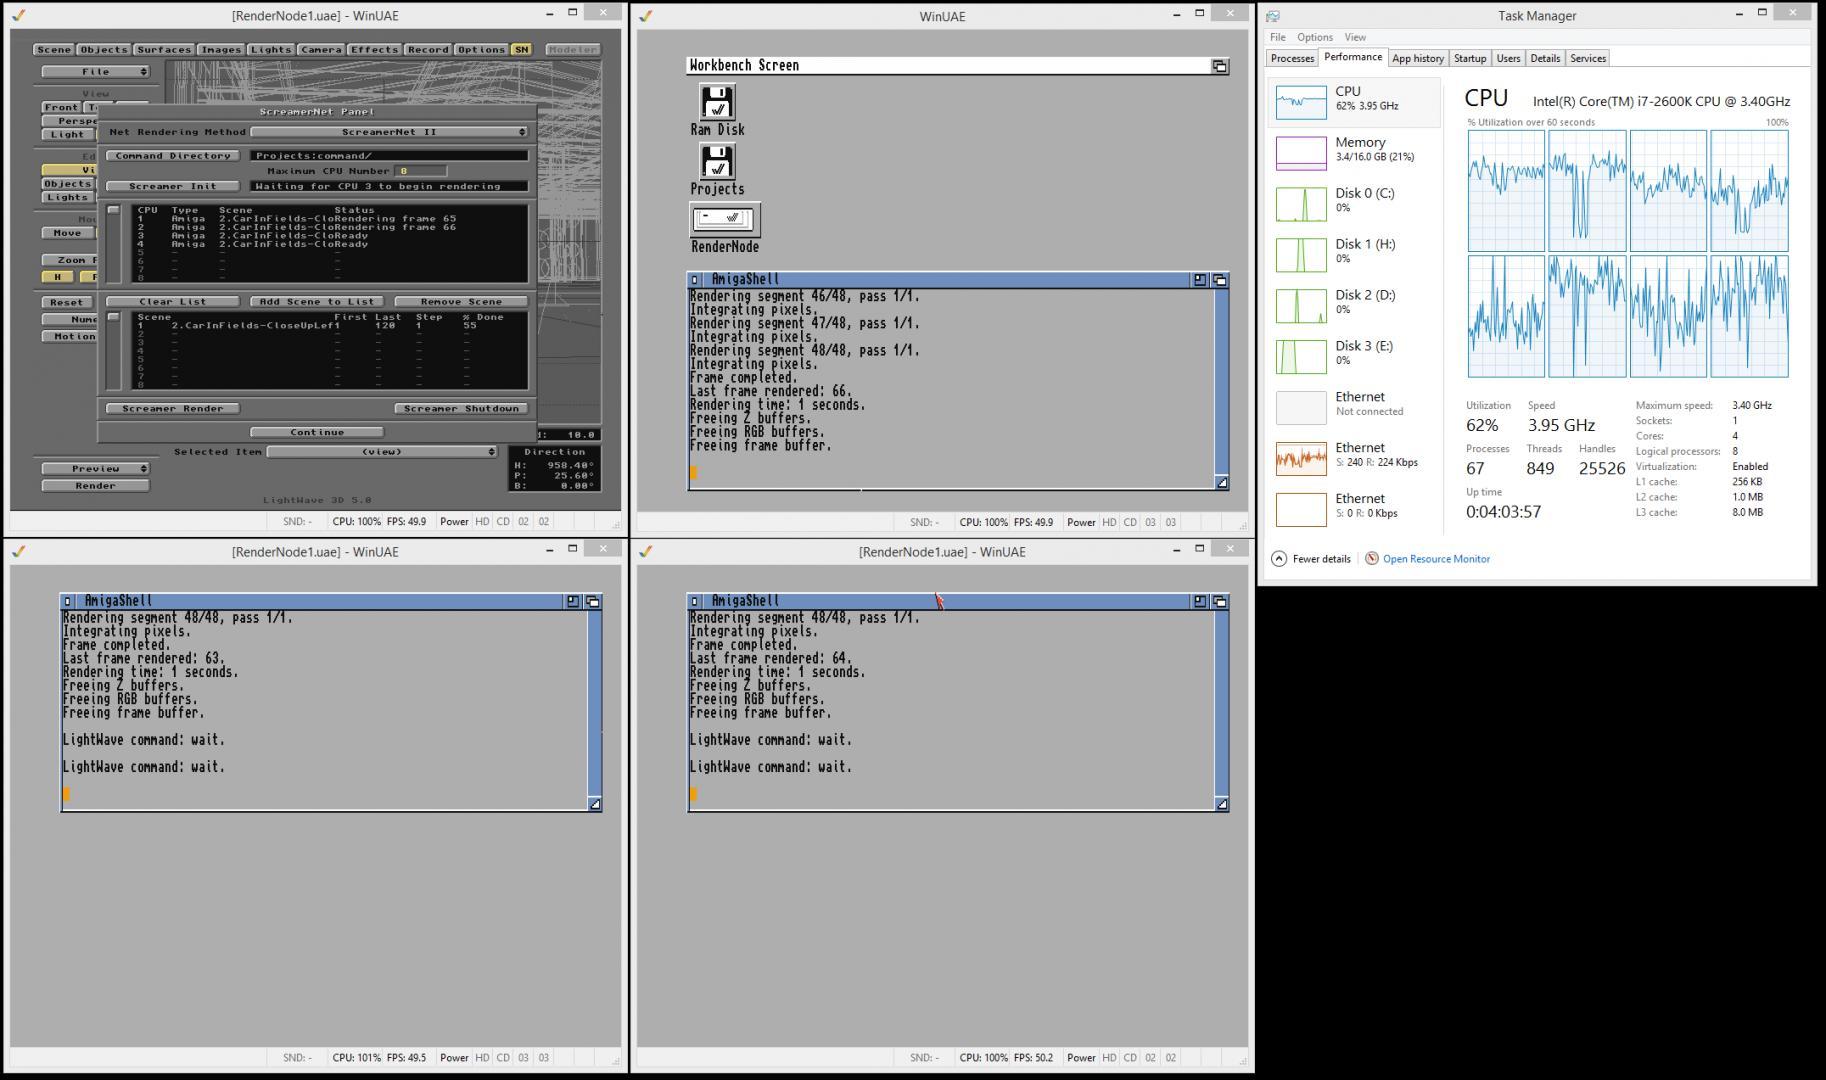 Klikněte na obrázek pro zobrazení větší verze  Název: 2014-12-15 01_22_11-Program Manager.jpg Zobrazeno: 59 Velikost: 205,5 KB ID: 10060